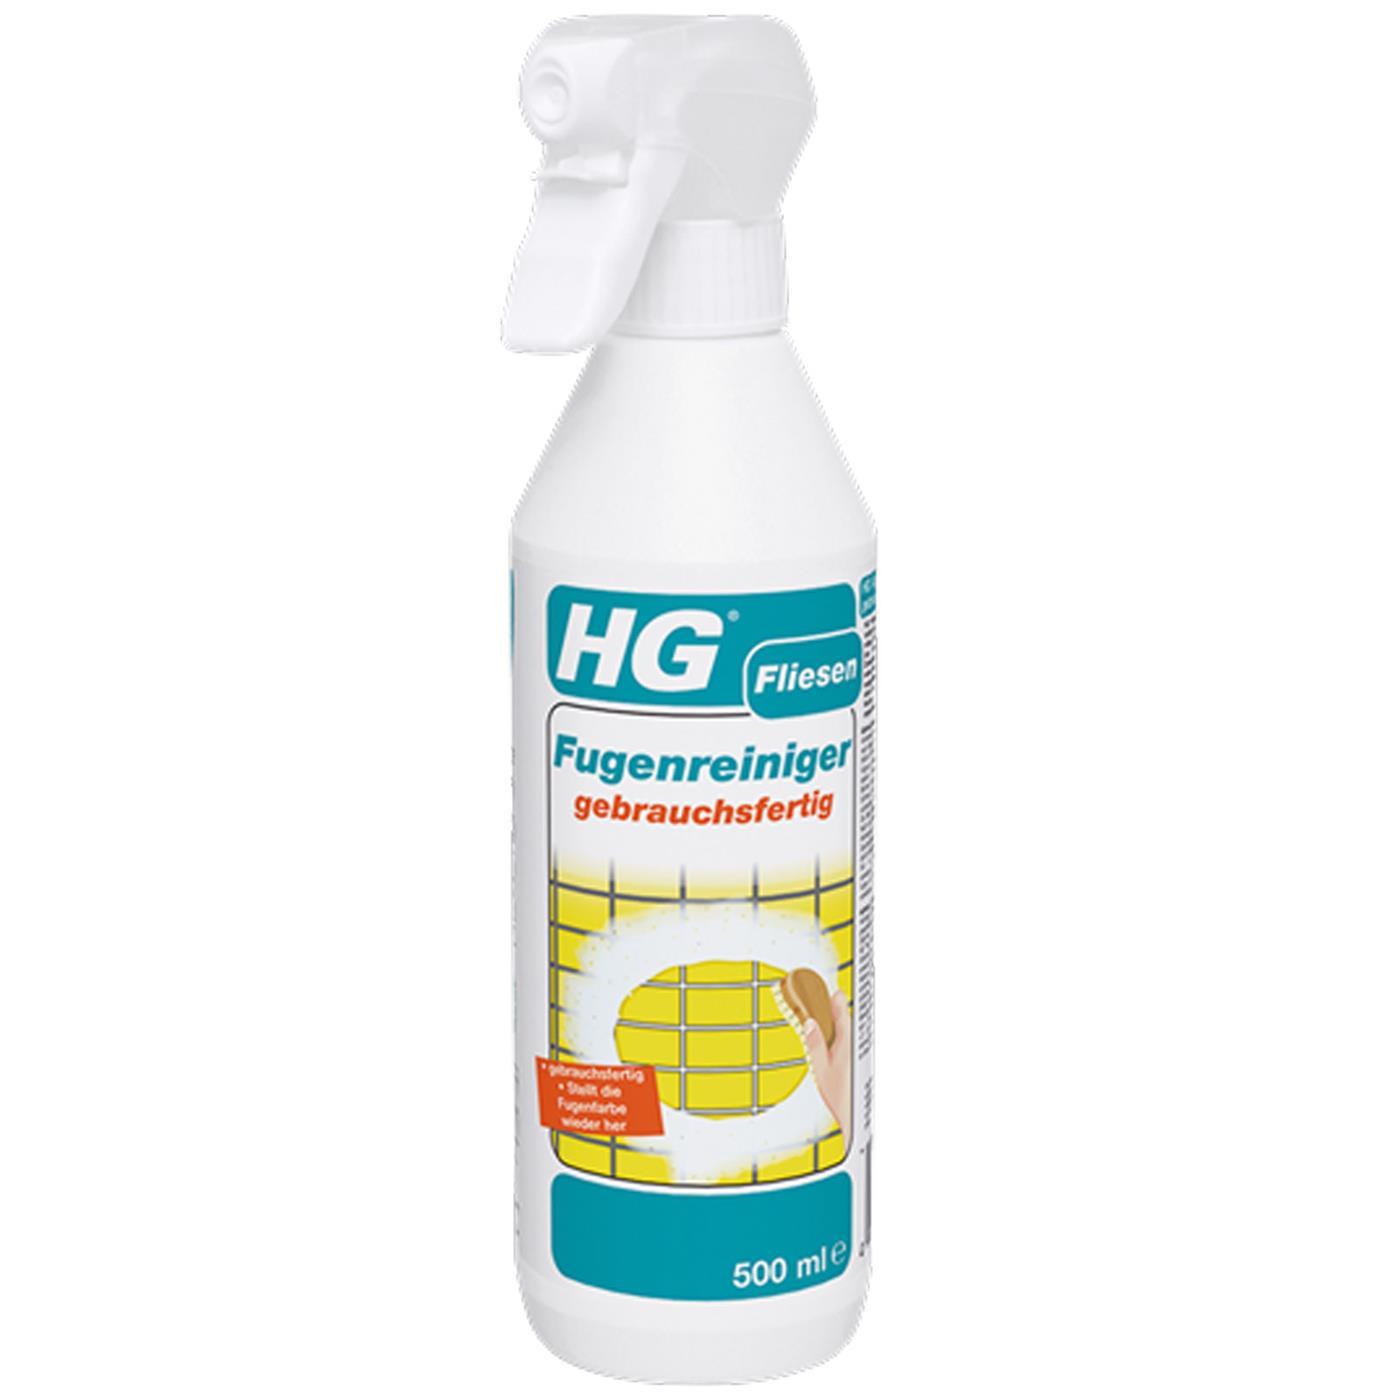 HG Fliesen Fugenreiniger gebrauchsfertig 500 ml